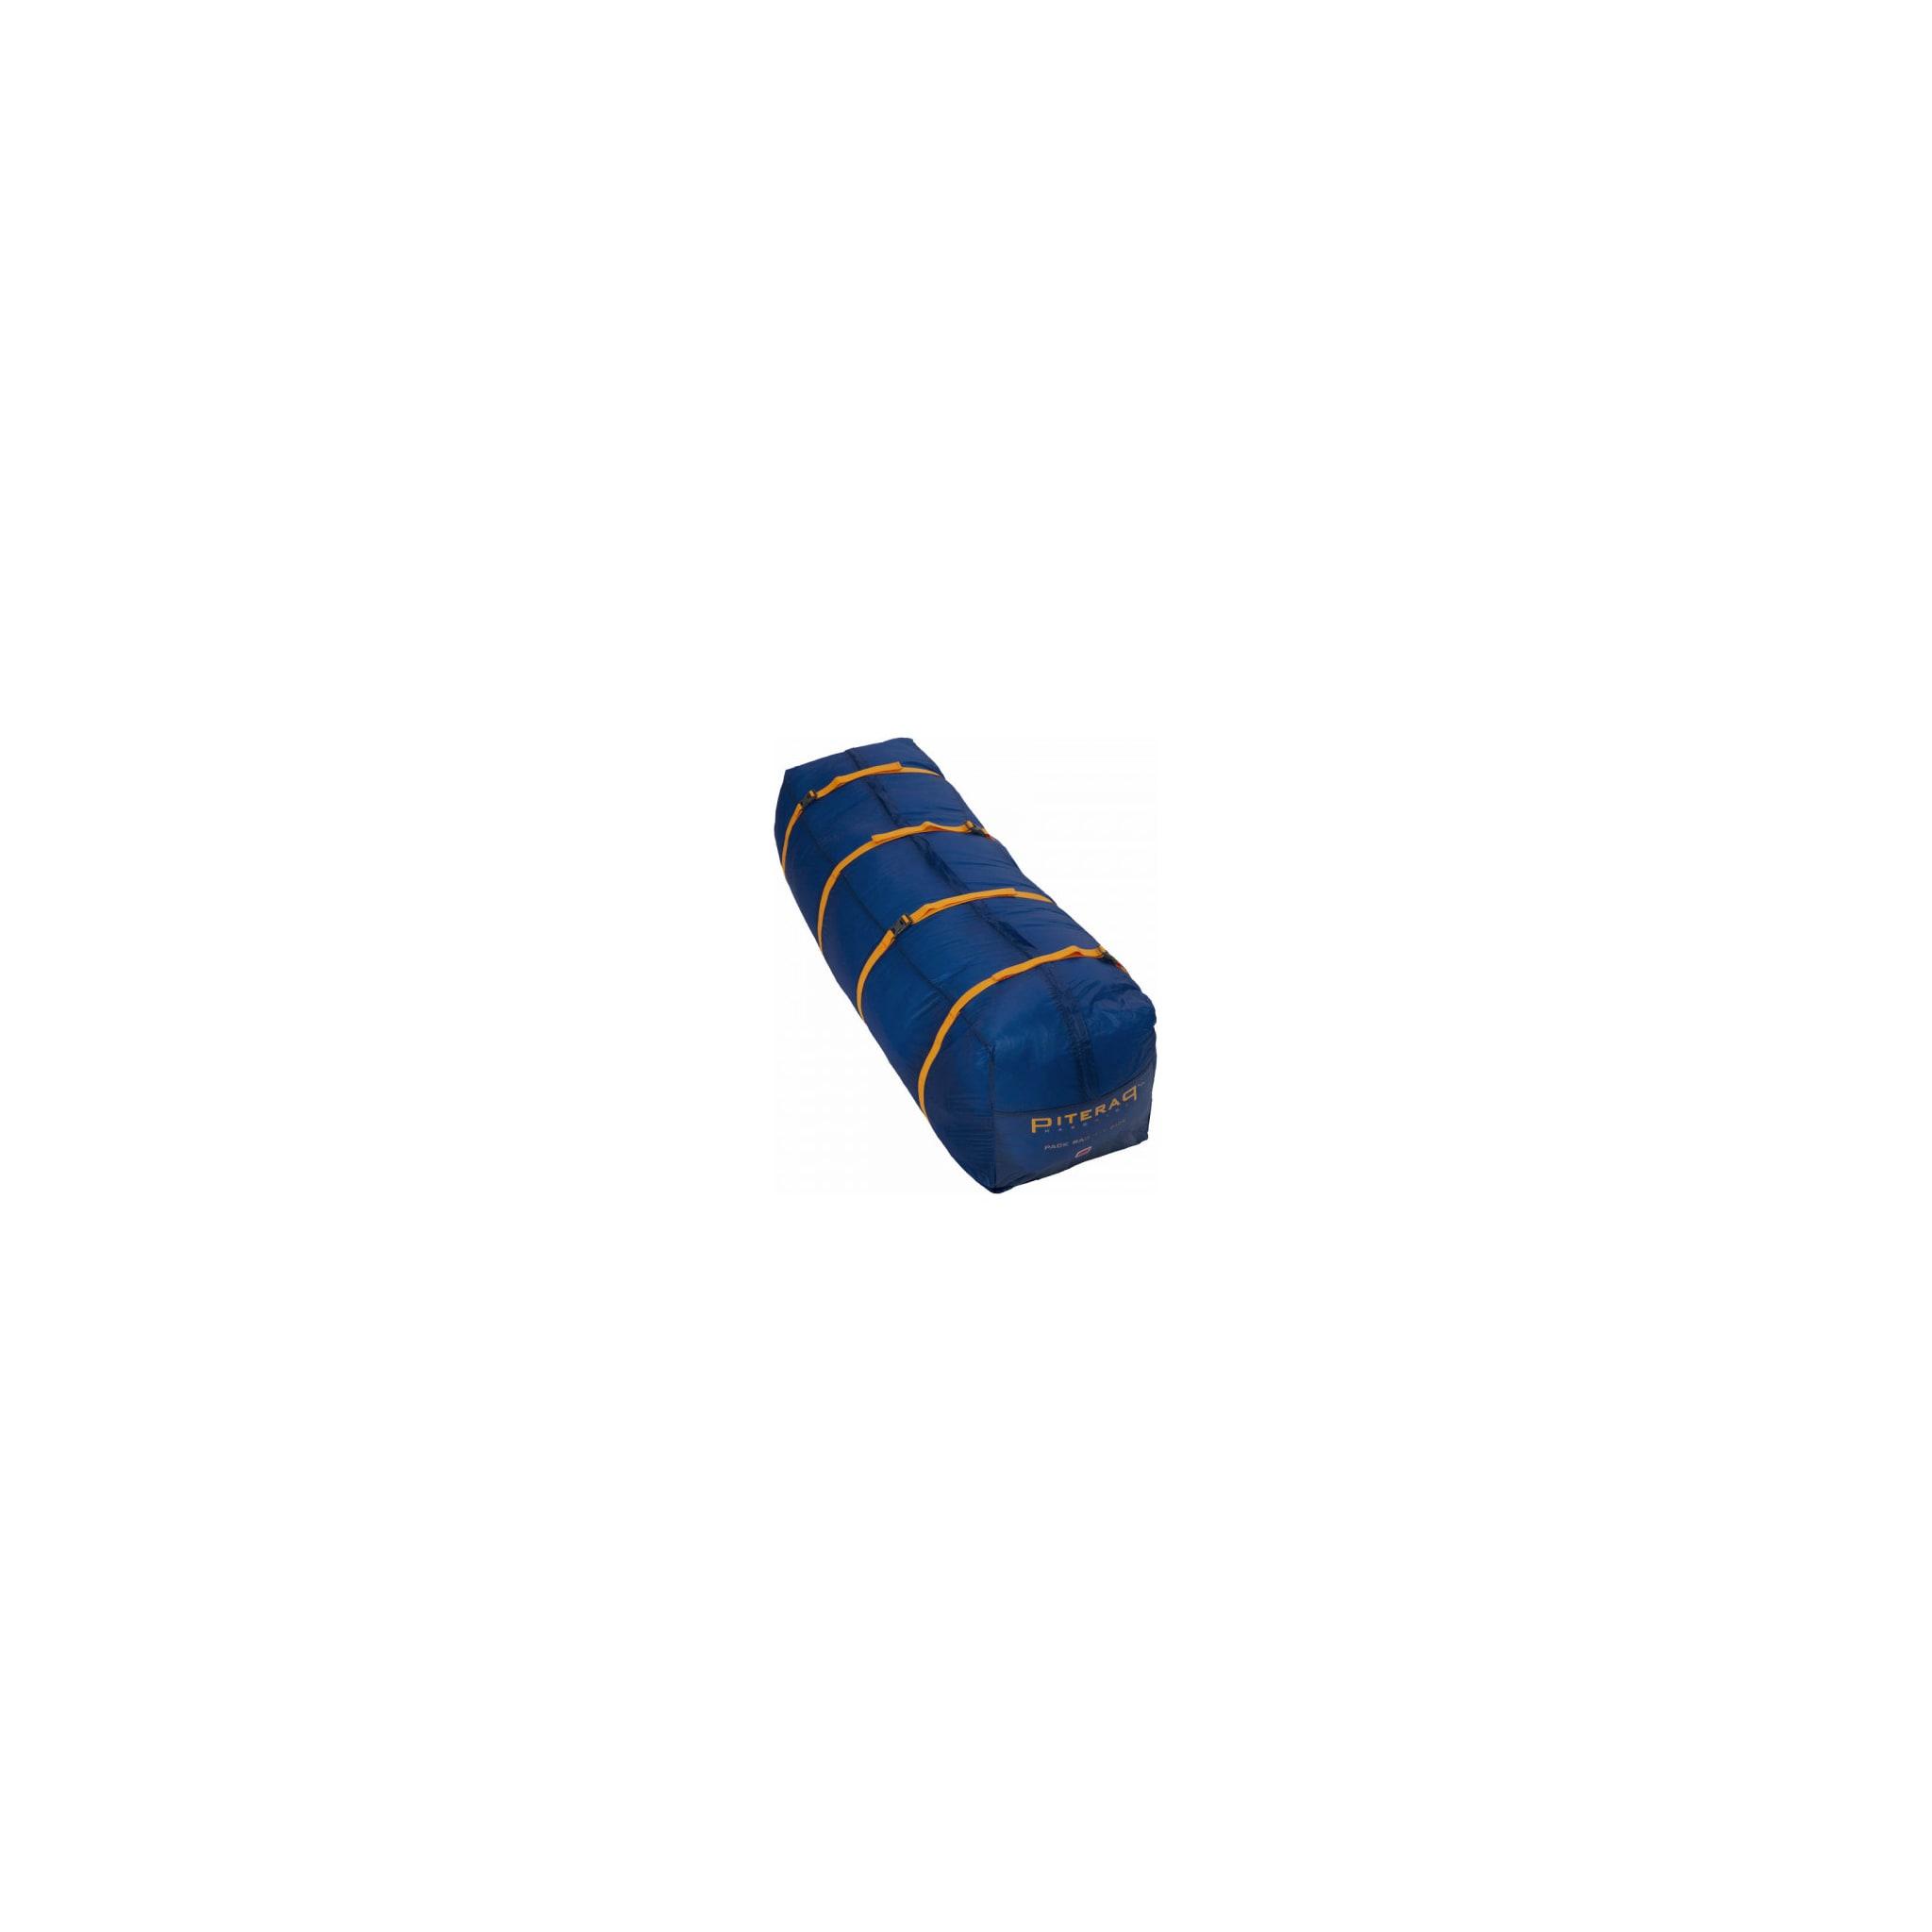 Slitesterk pakkbag til pulk i full størrelse